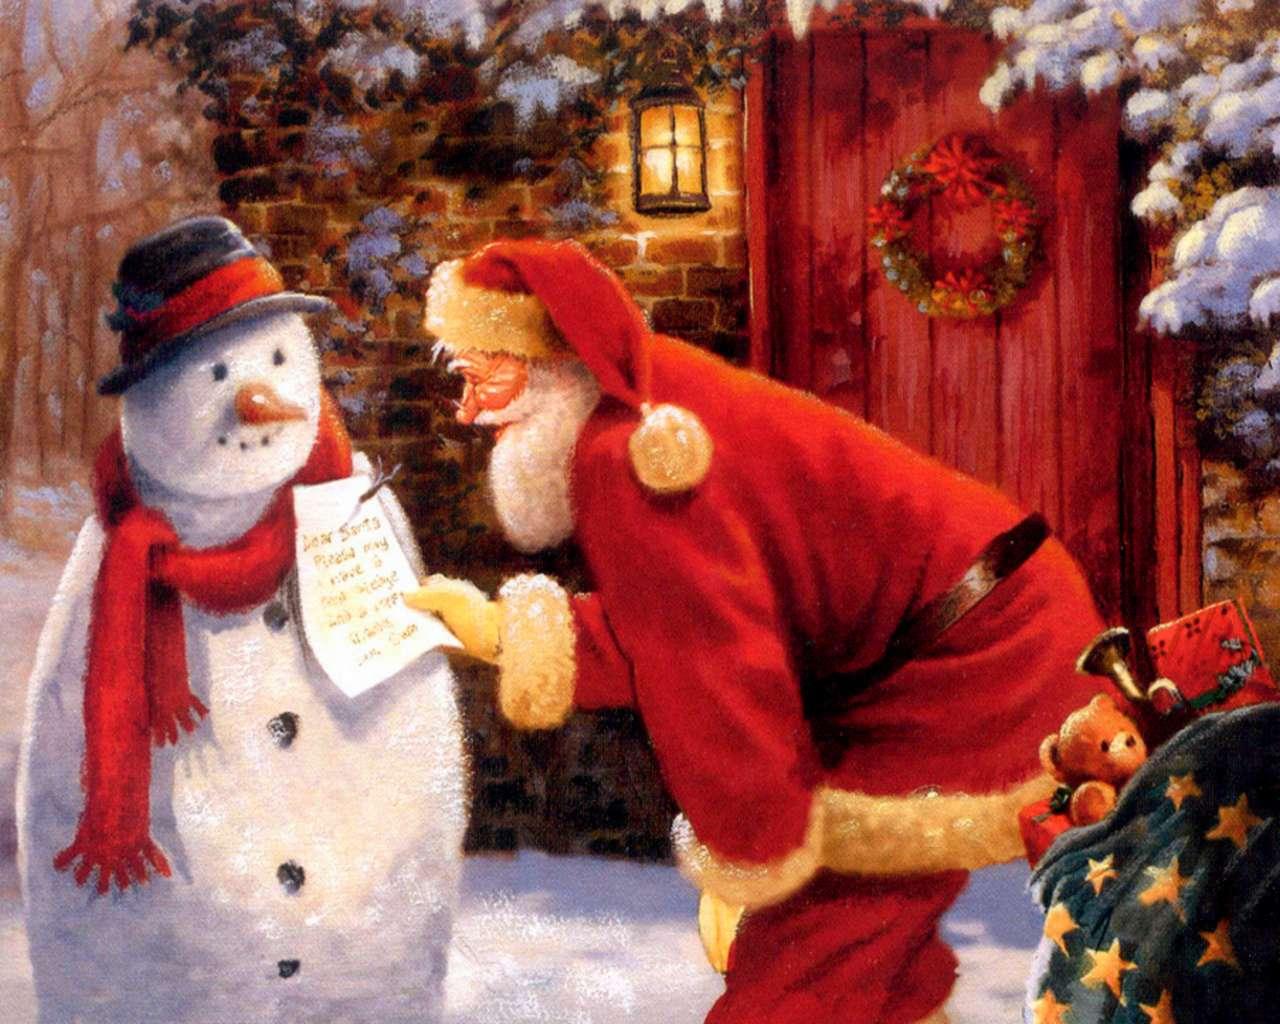 Dov E Babbo Natale.Chi E Veramente Babbo Natale Notizie It